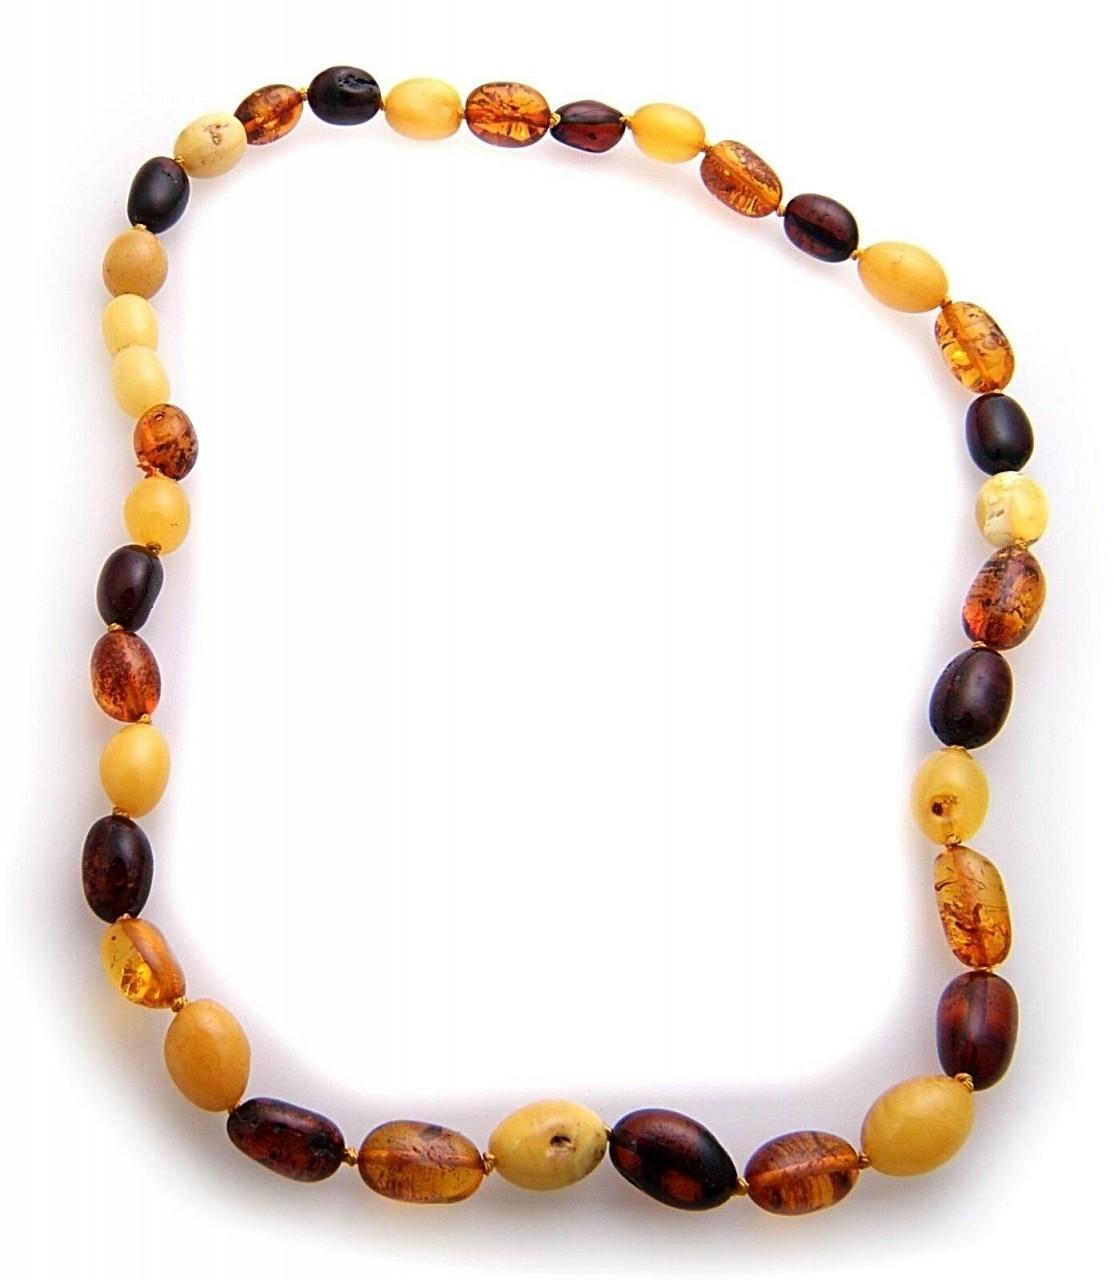 Neu Halskette echter Natur Bernstein aus der Ostsee Collier Unisex Halsschmuck